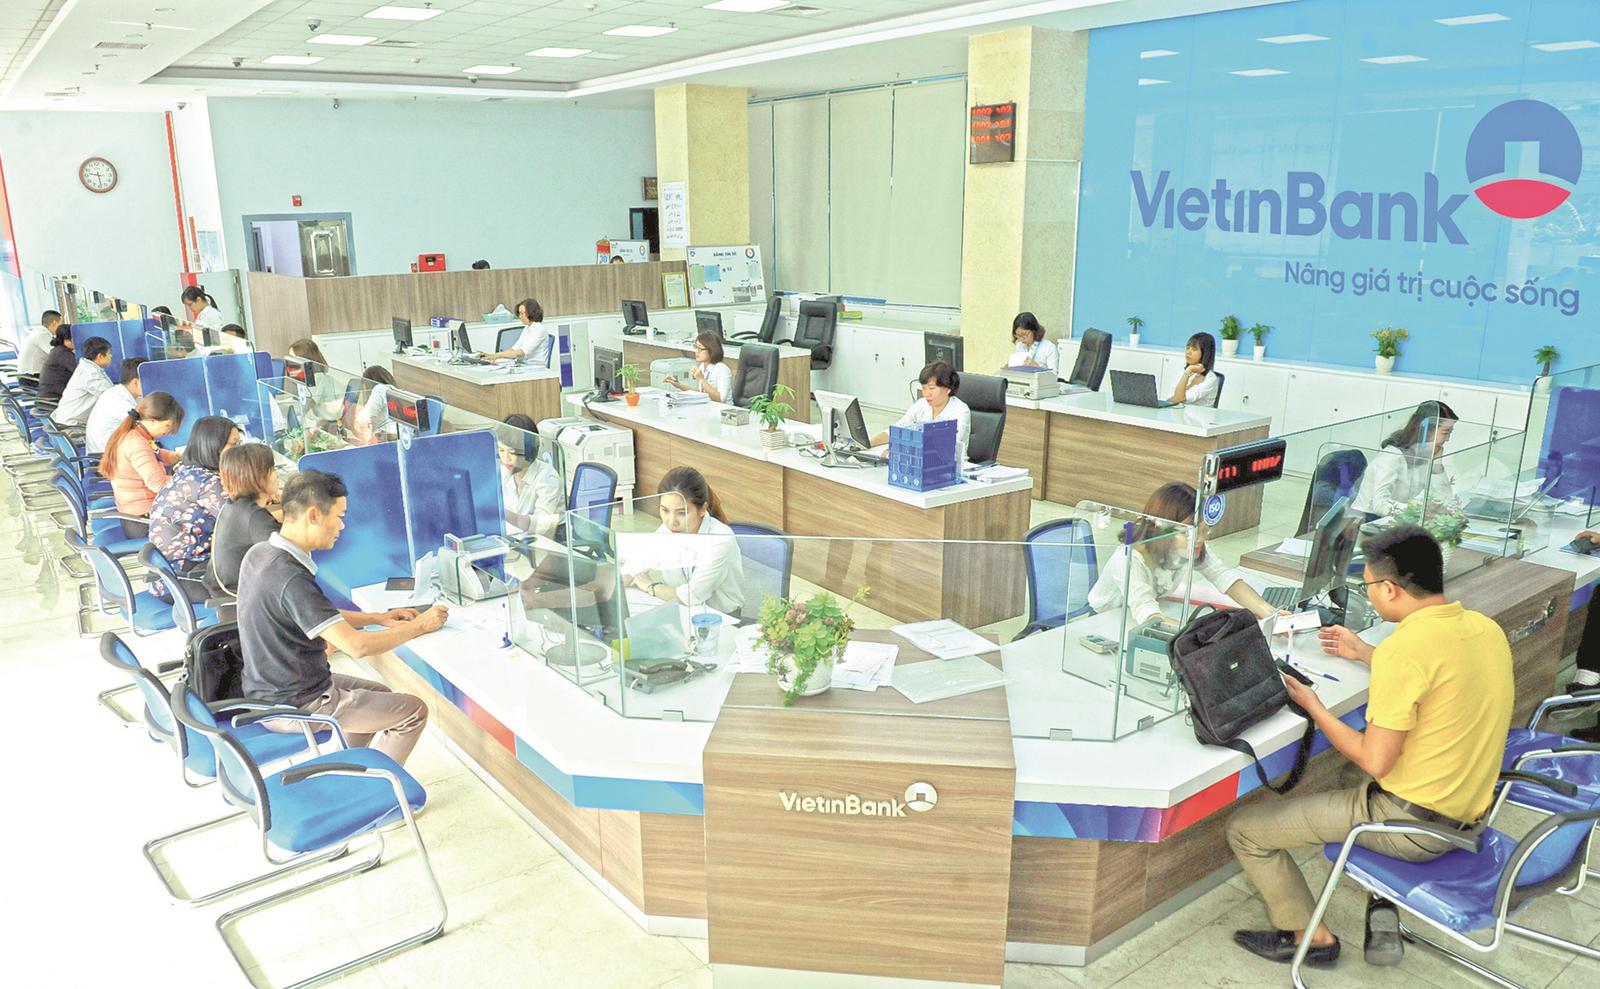 VietinBank:Hòa cùng nhịp phát triển của doanh nghiệp